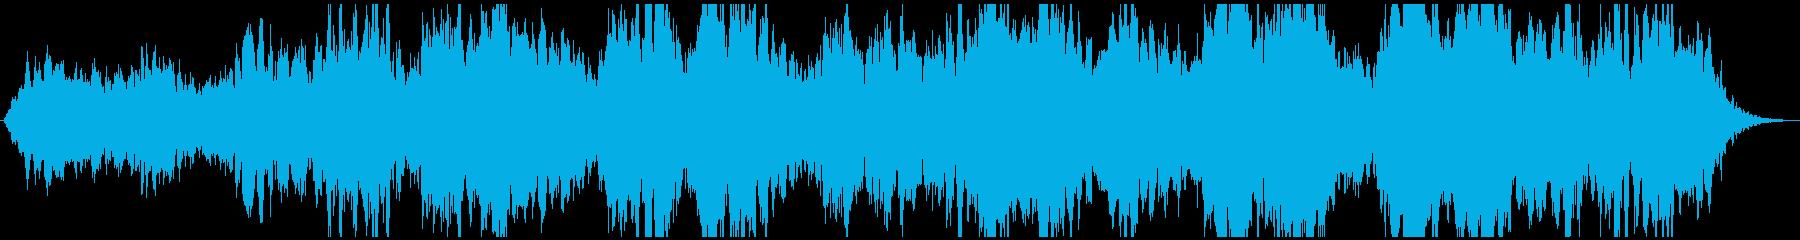 PADS ジャングルフルート01の再生済みの波形